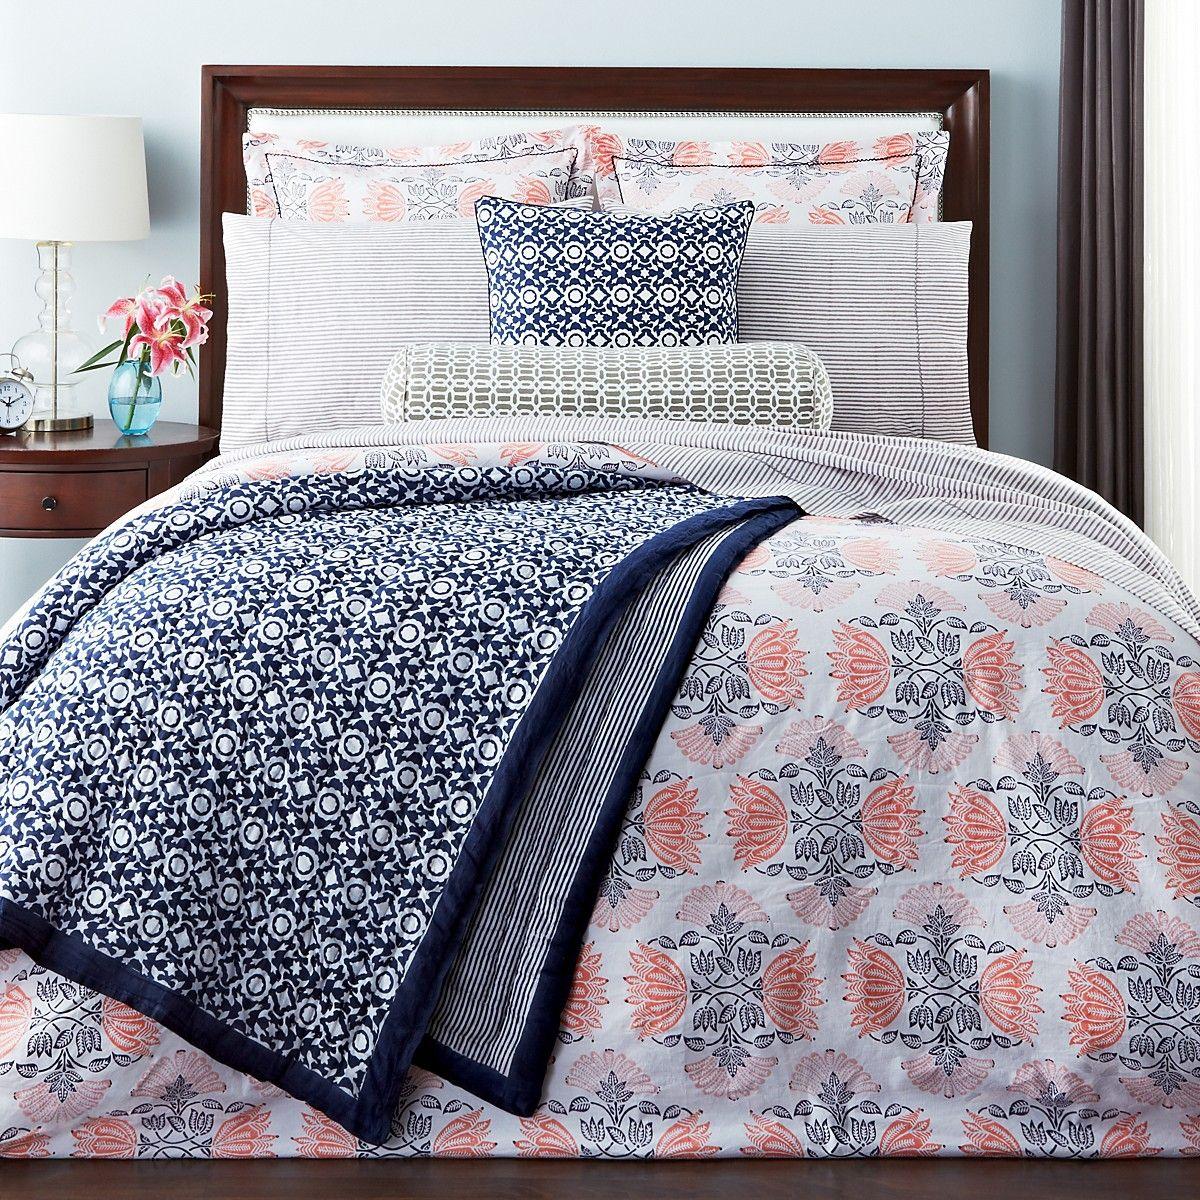 GUEST Bedroom. Roberta Roller Rabbit Nenu Collection ... : roberta roller rabbit quilt - Adamdwight.com